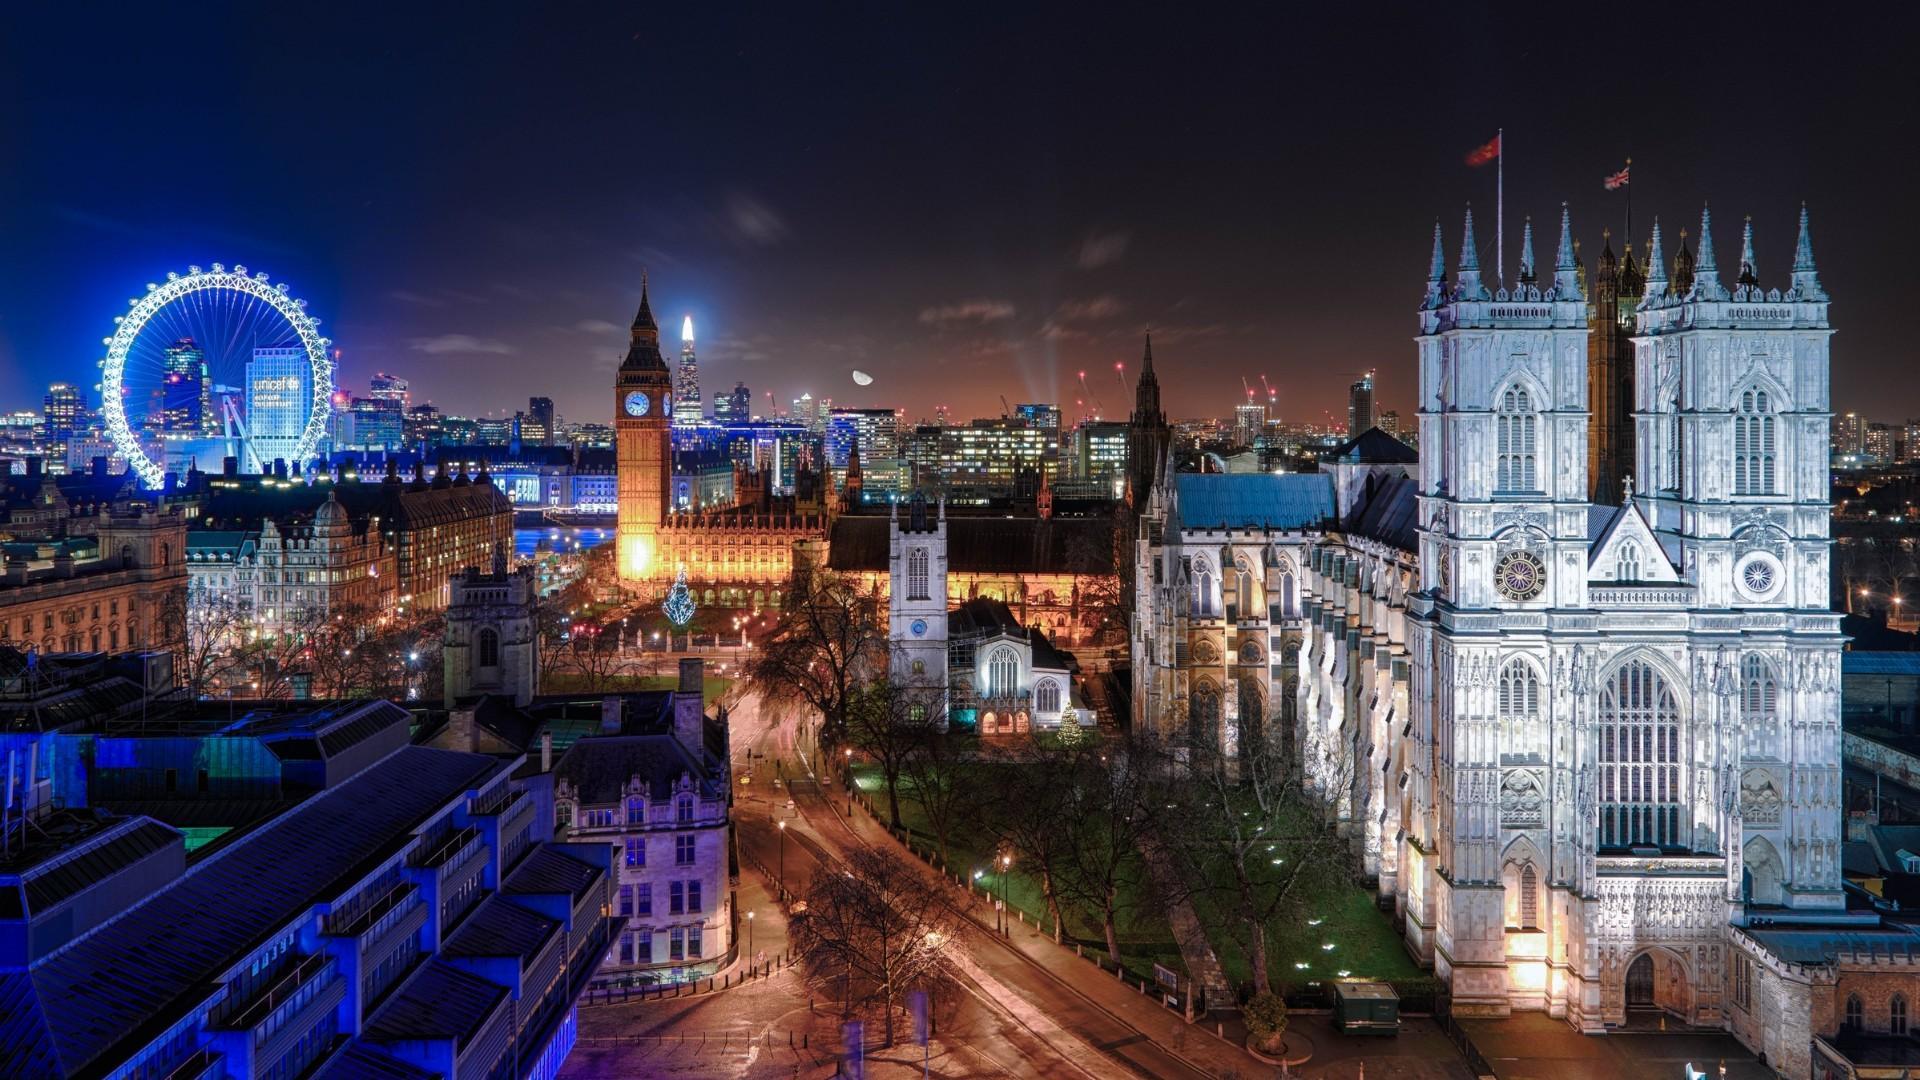 London wallpaper 5